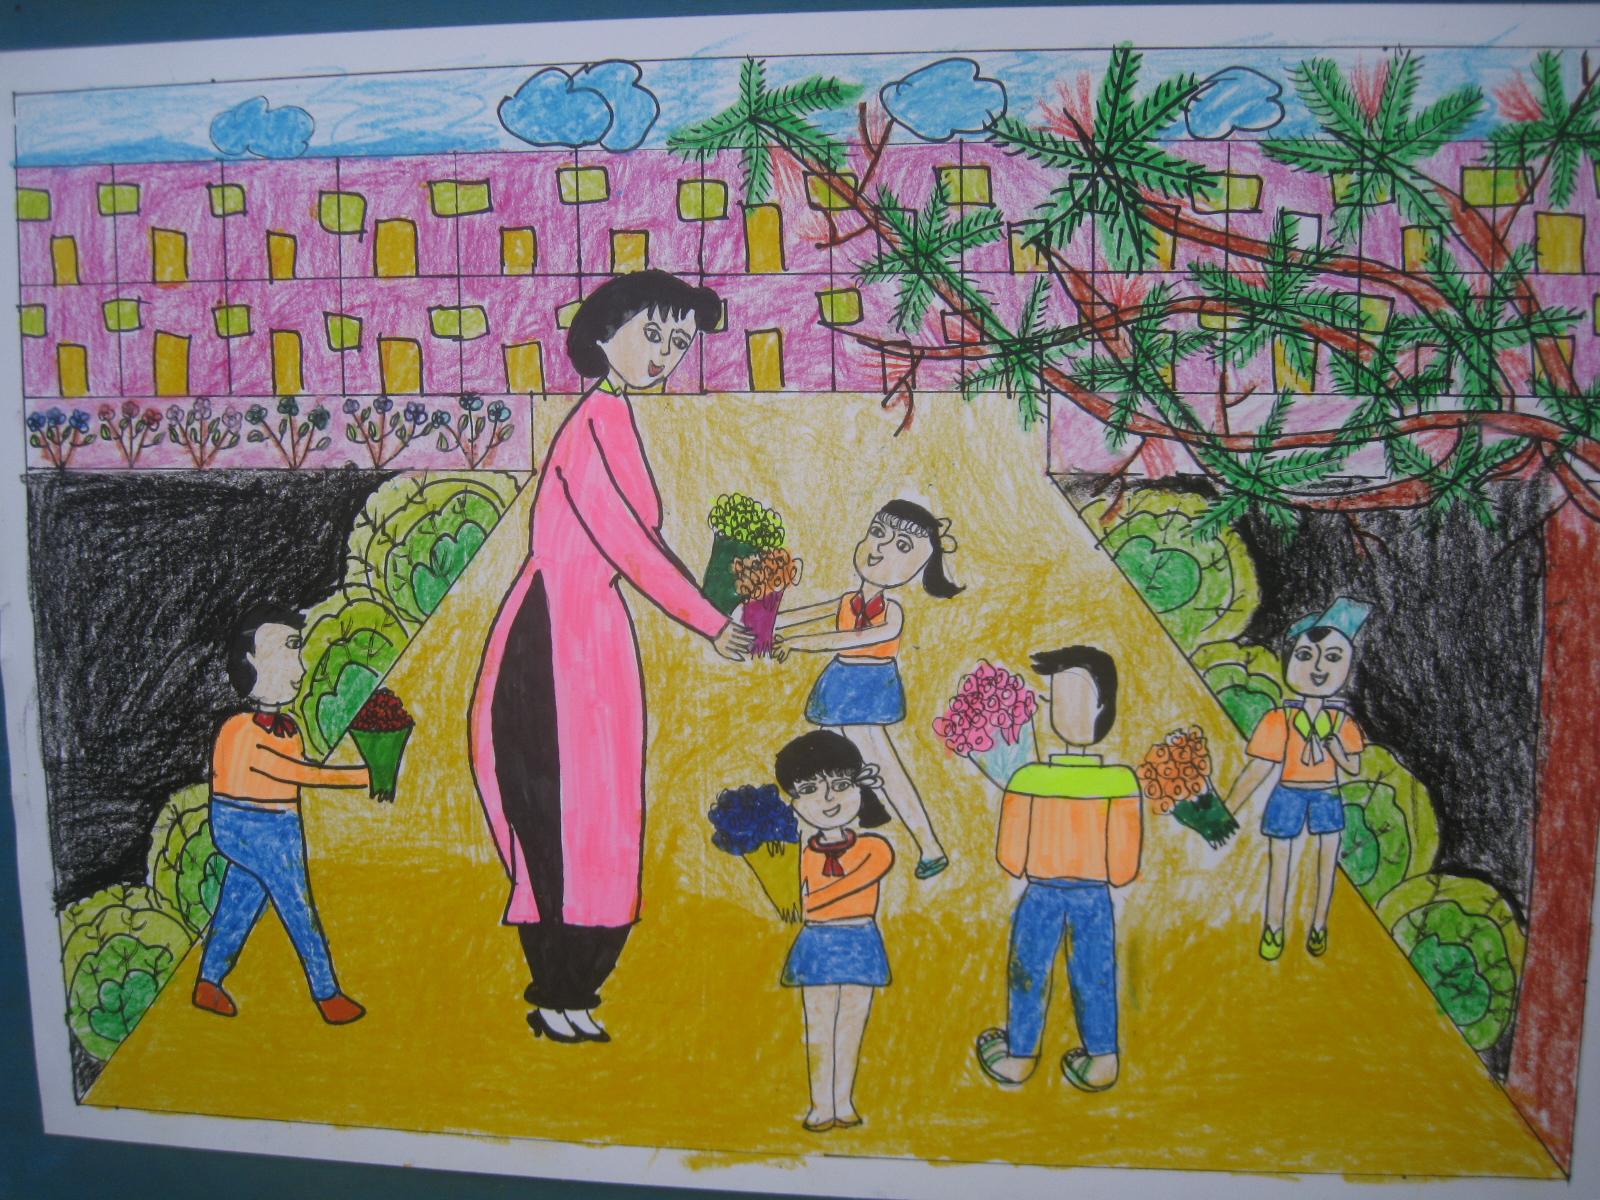 Vẽ tranh đề tài ngày nhà giáo Việt Nam đẹp